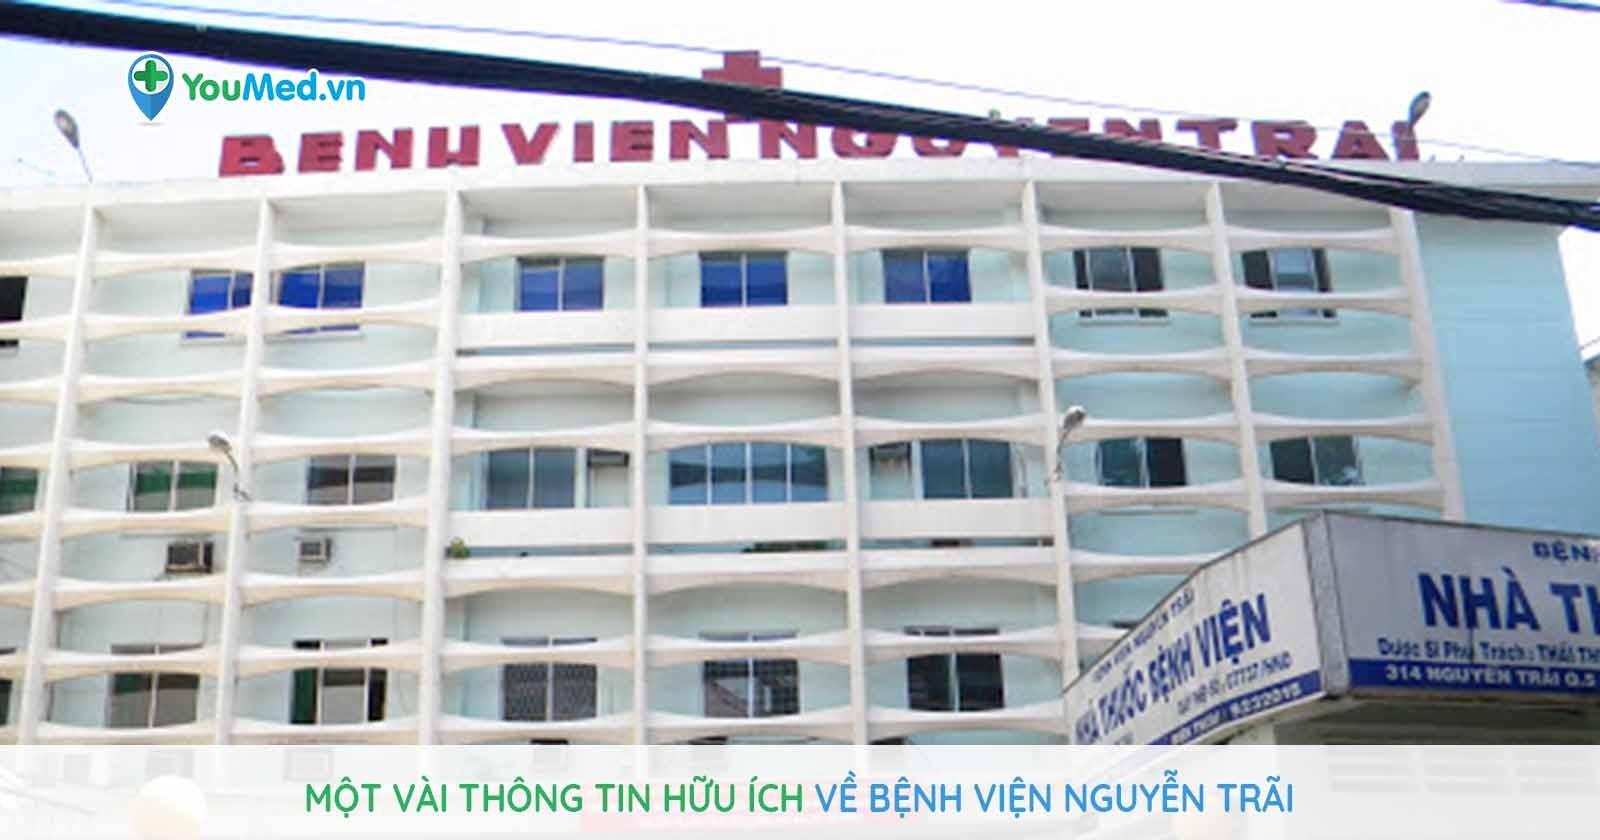 Một vài thông tin hữu ích về Bệnh viện Nguyễn Trãi